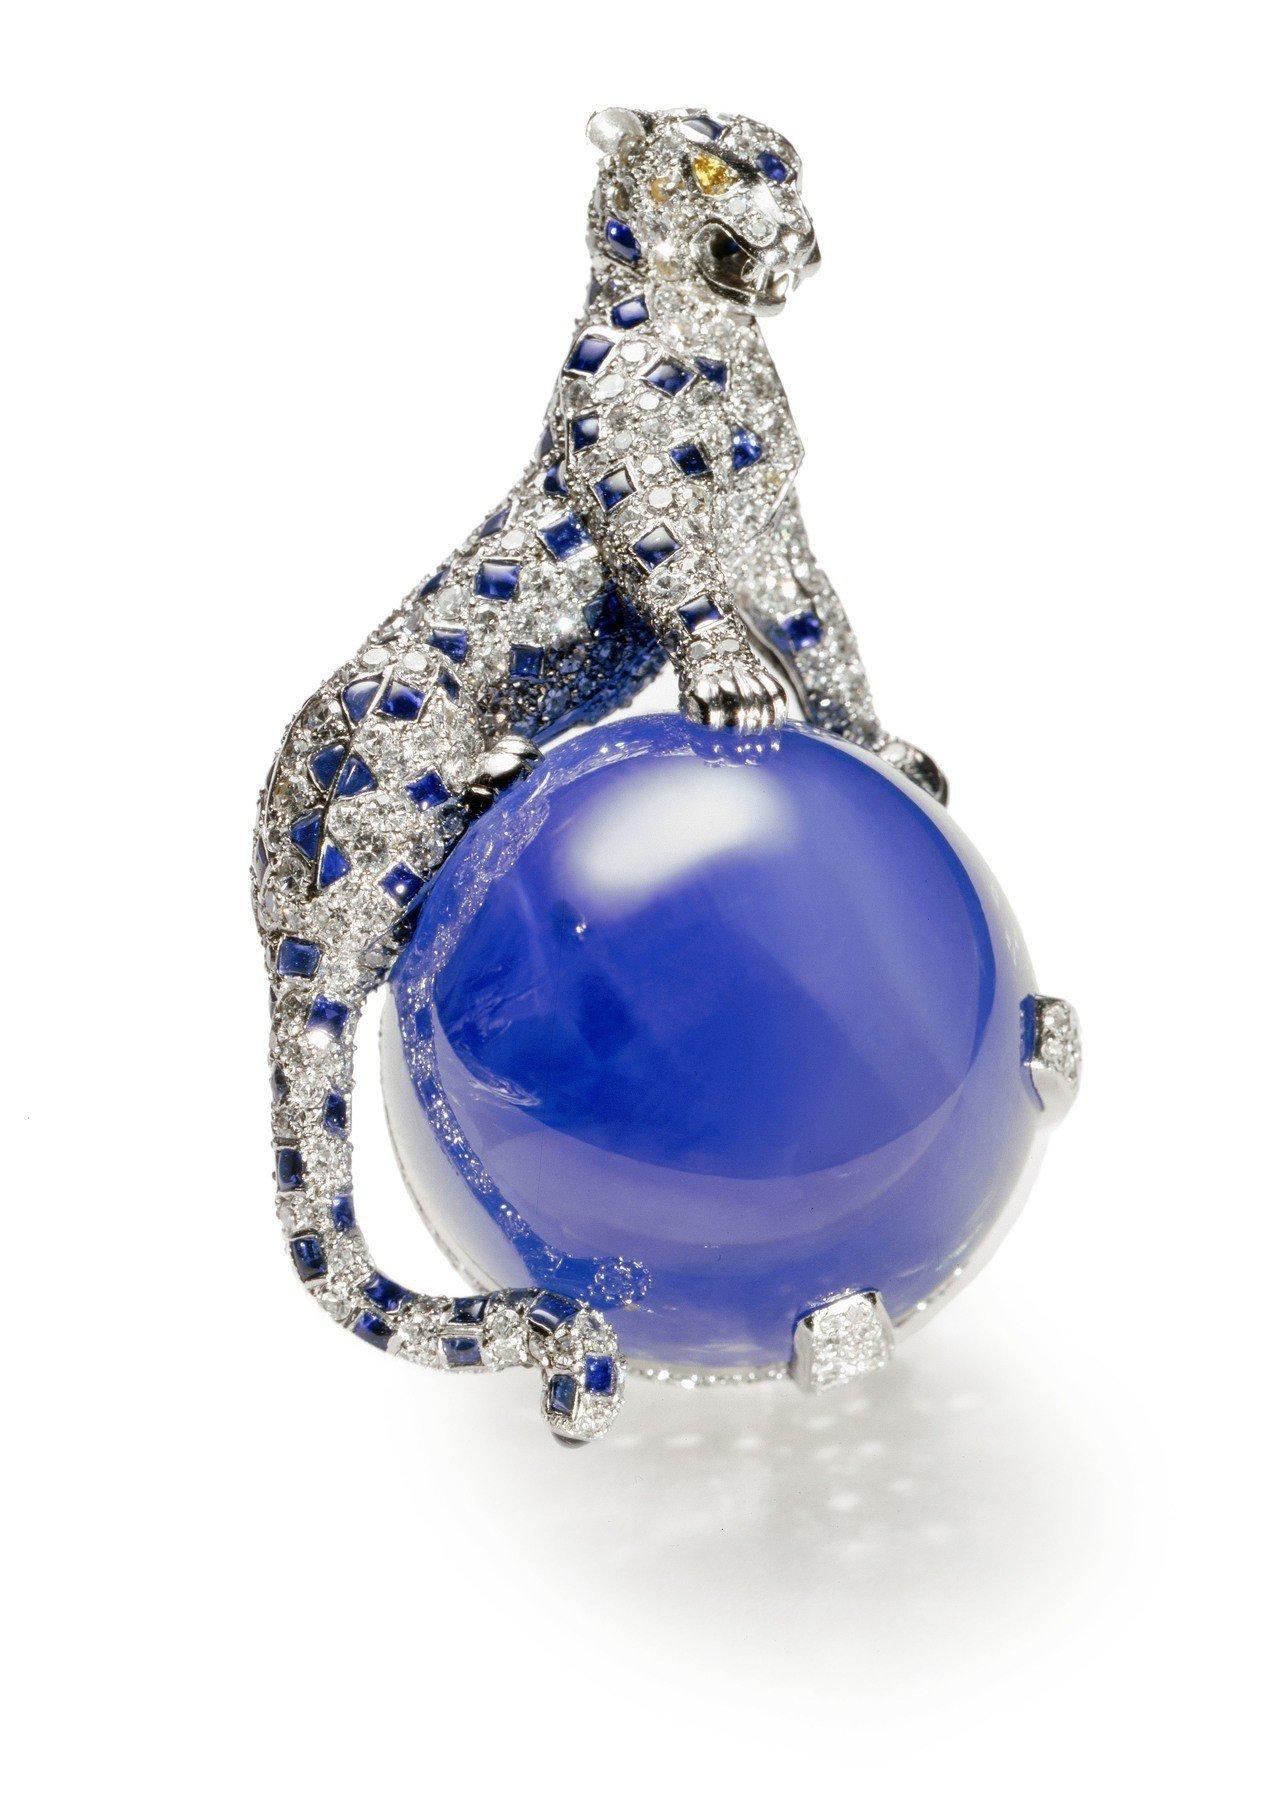 1949年,溫莎公爵委託貞杜桑設計的藍寶石美洲豹胸針。圖/卡地亞提供